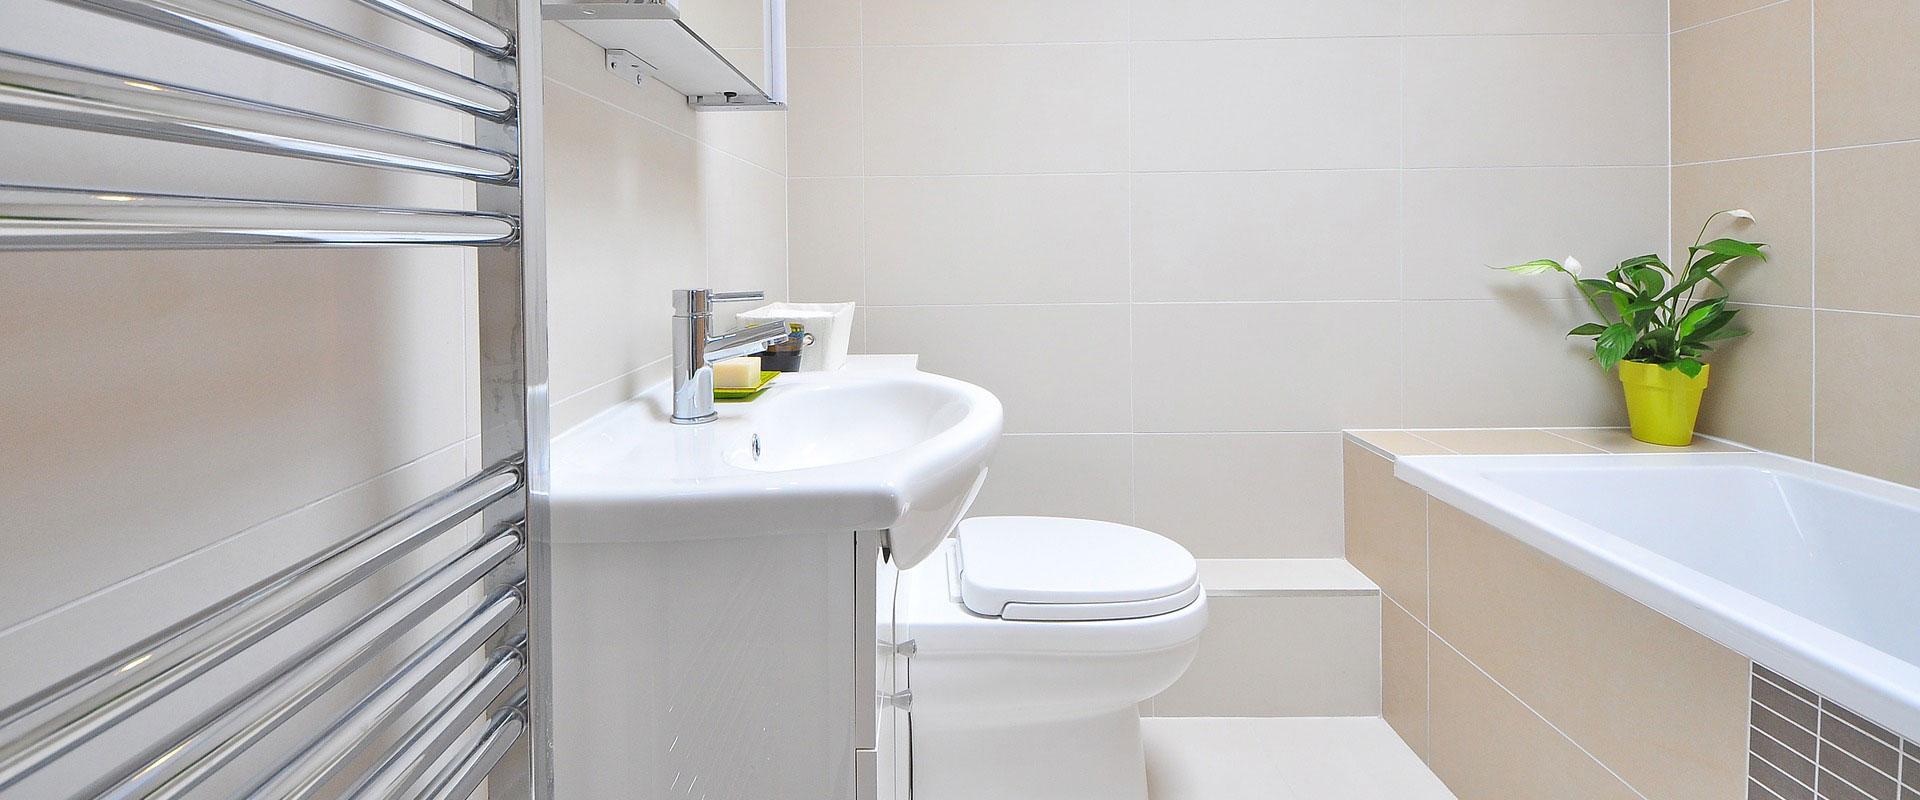 badezimmer_leistungen